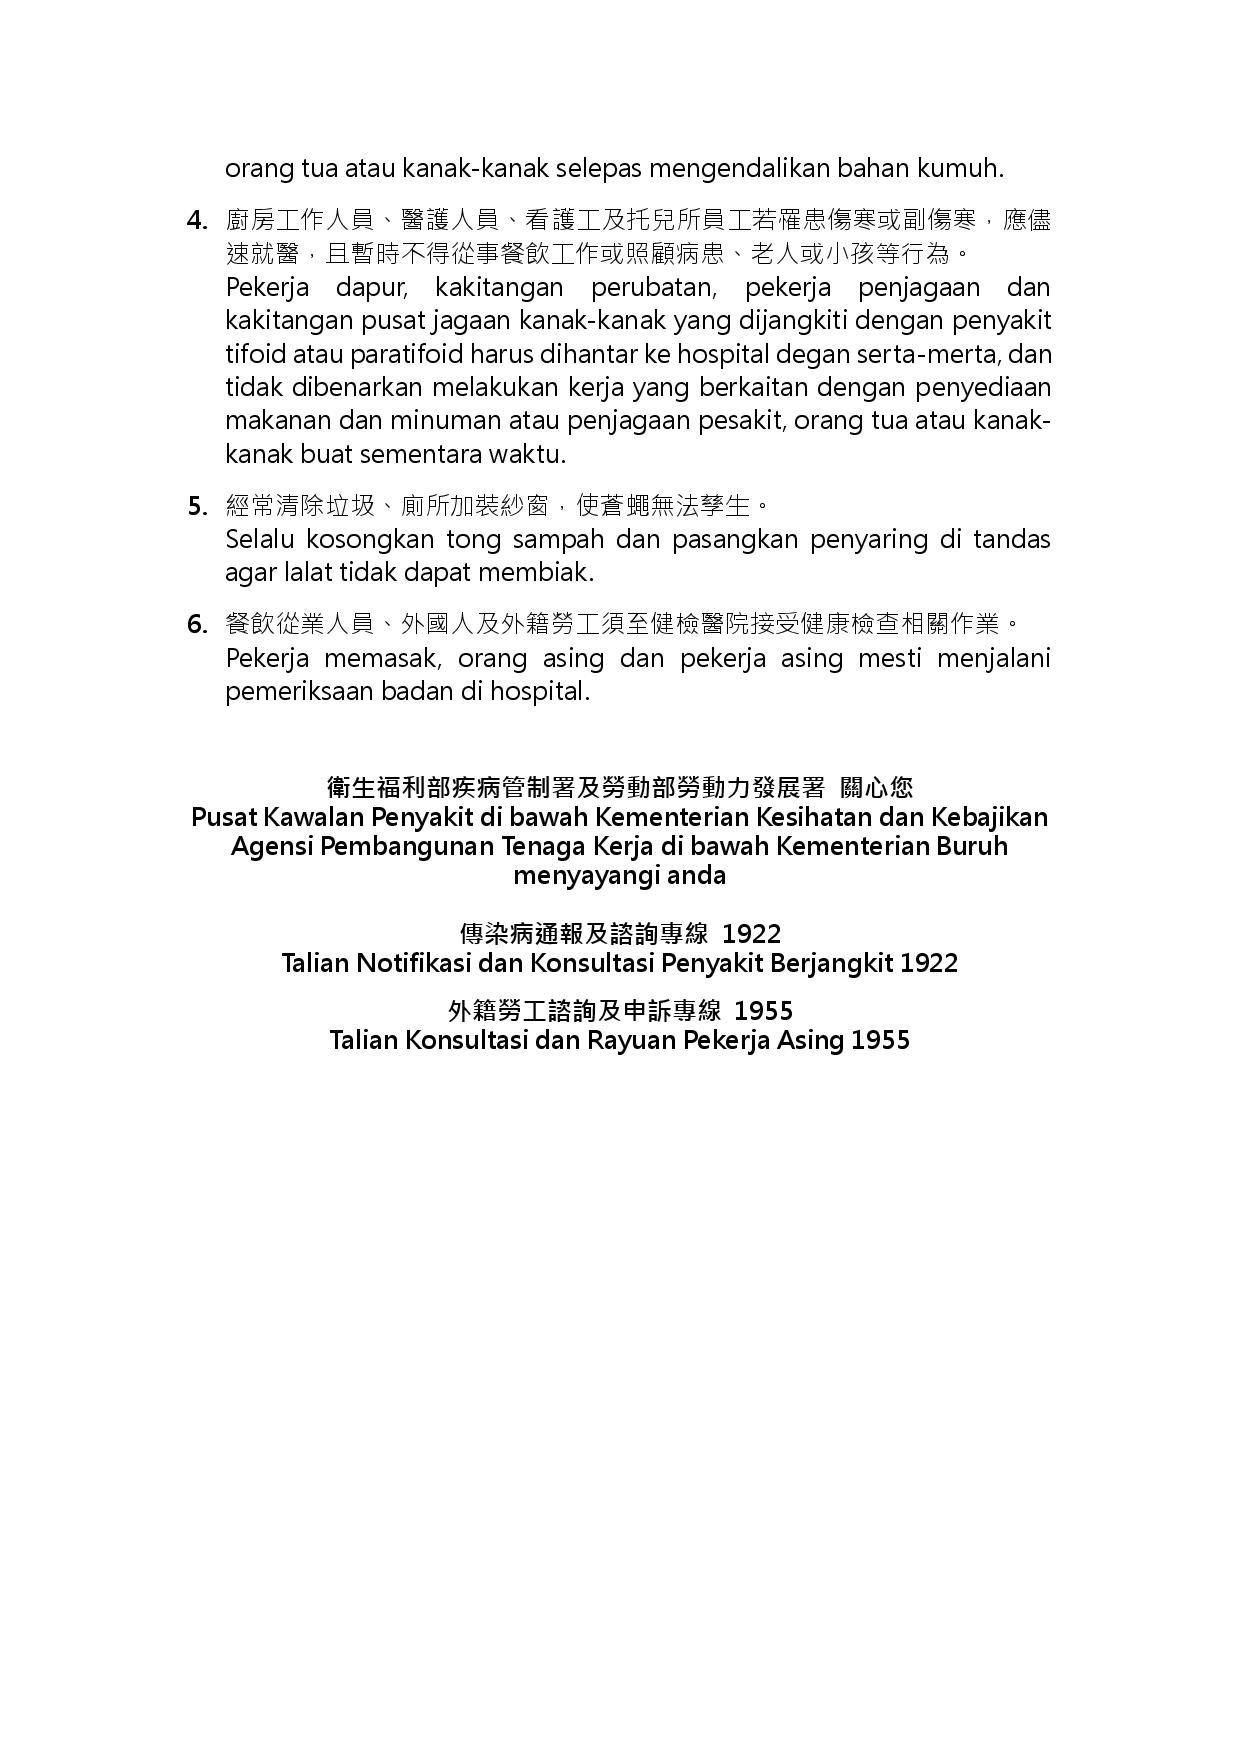 詳如附件【klik saya】Untuk mencegah penyakit tifoid dan paratifoid(Halaman 3)預防傷寒及副傷寒,勿生飲生食,落實勤洗手的良好衛生習慣(馬來文)